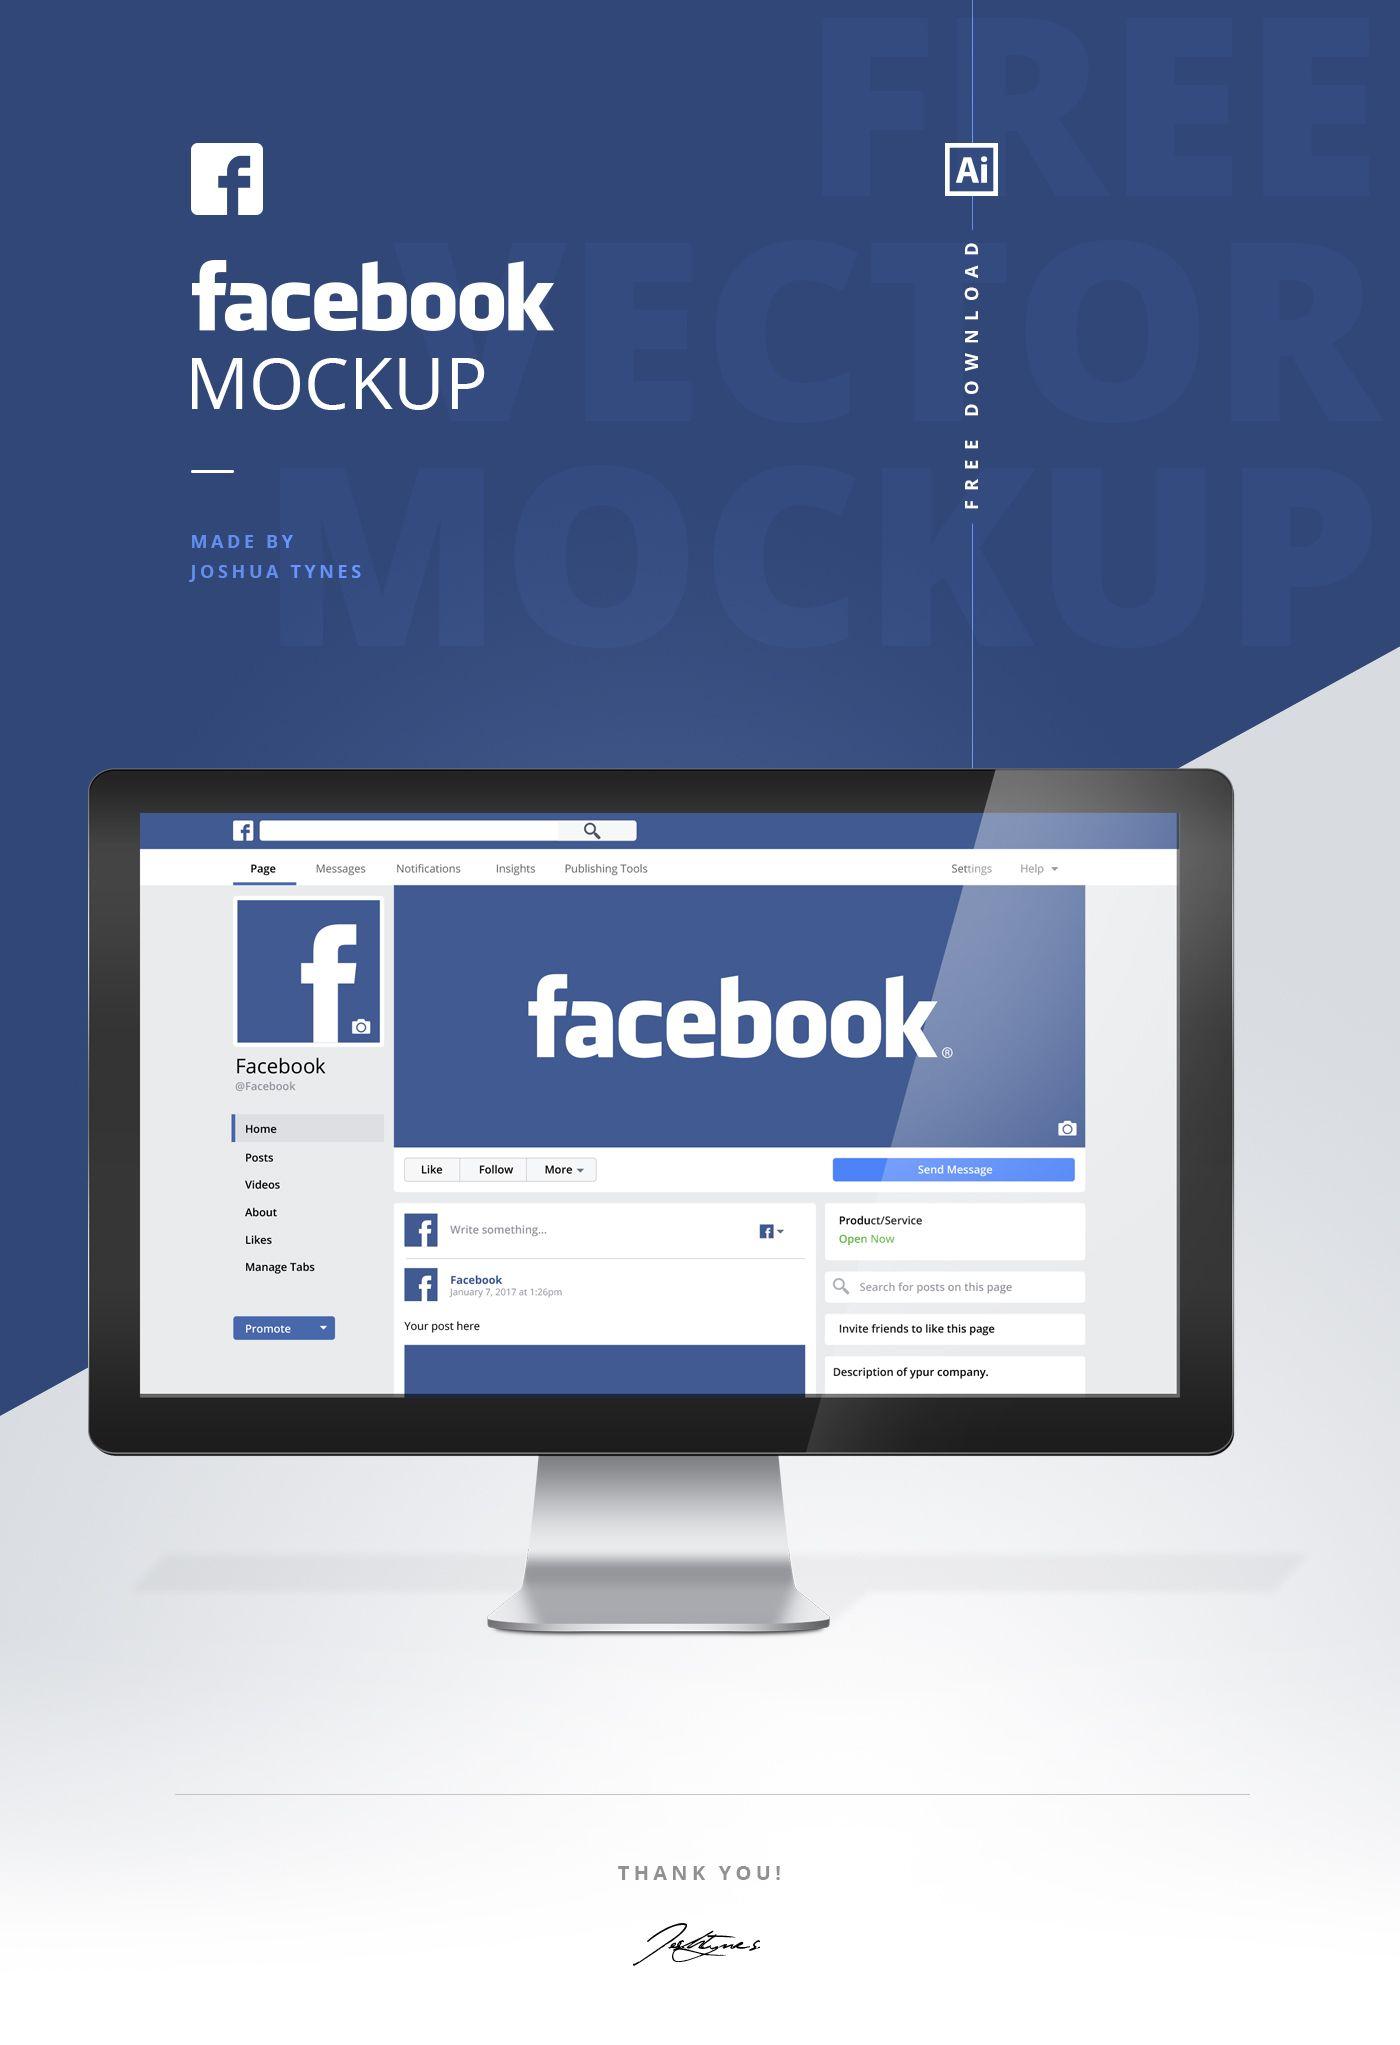 facebook mockup mockup pinterest mockup facebook mockup and